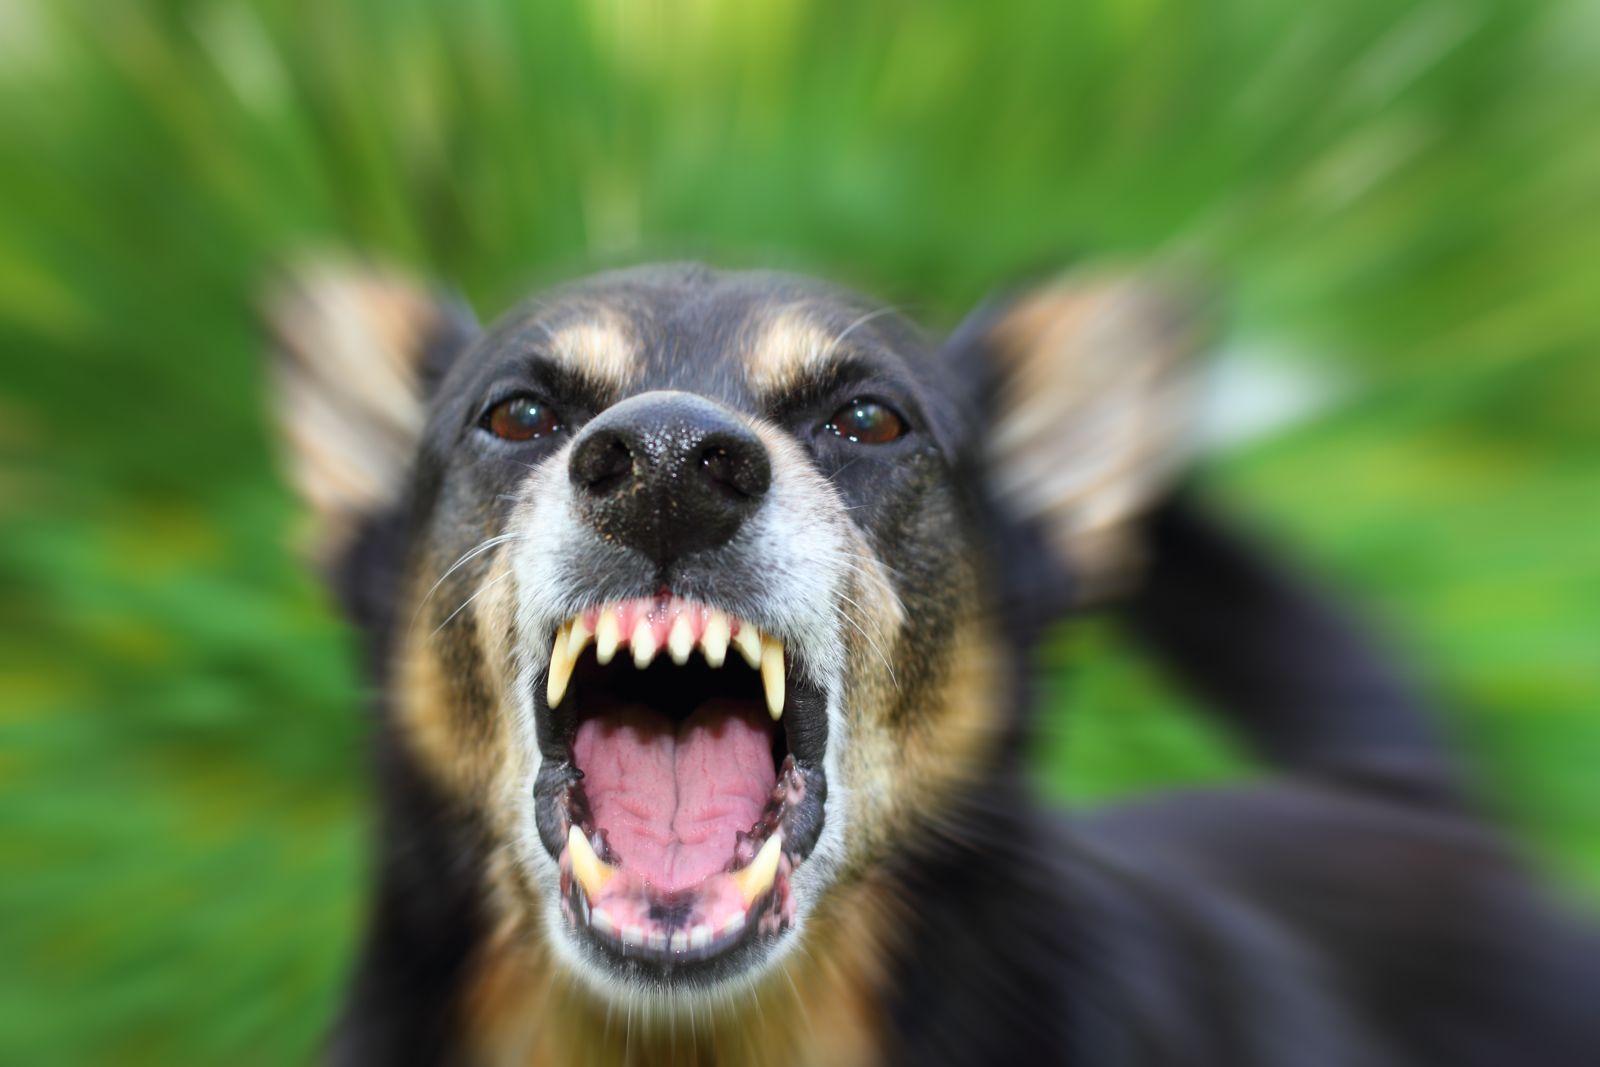 Dog Barking at Person